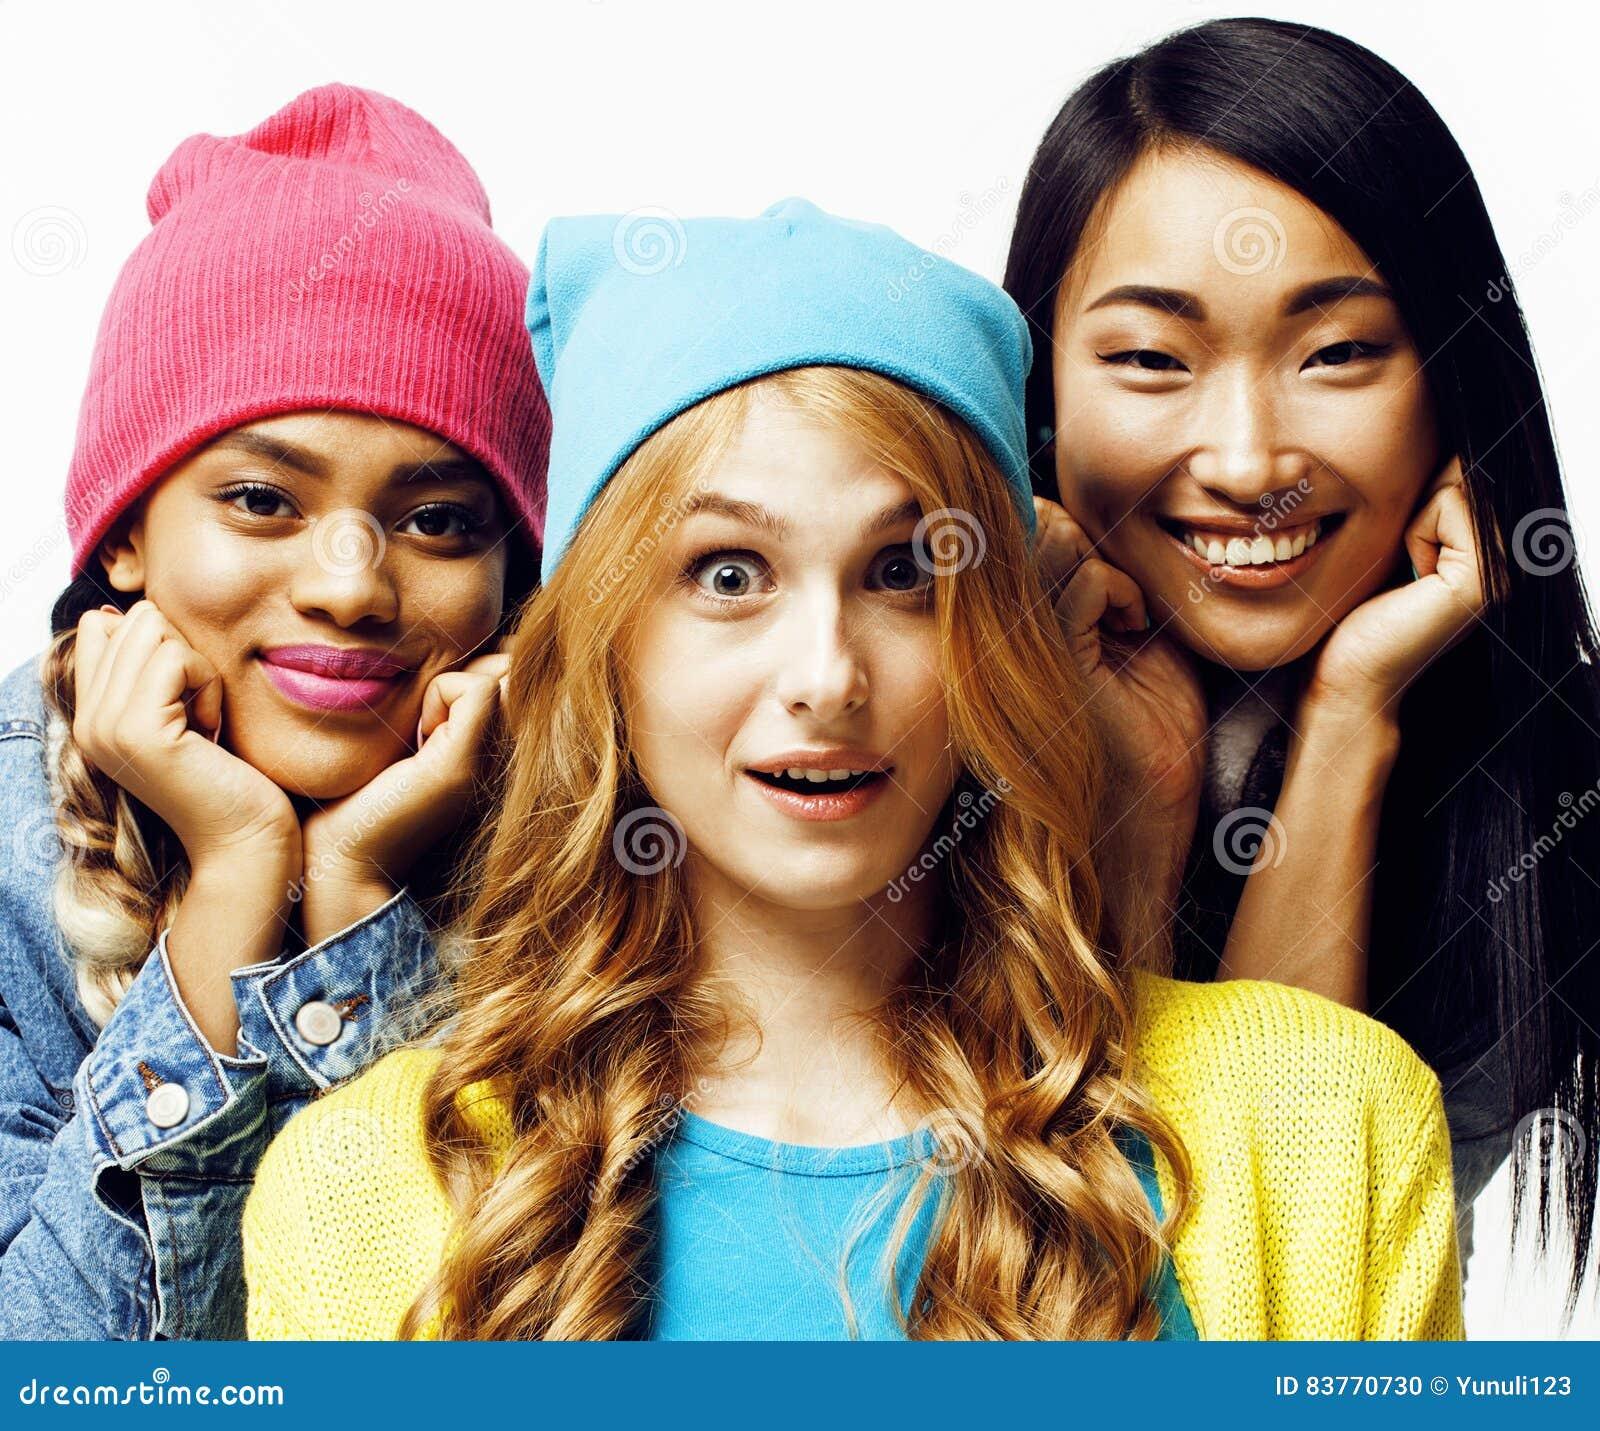 De diverse natiemeisjes groeperen zich, tiener vrolijk vriendenbedrijf die pret hebben, het gelukkige glimlachen, het leuke stell